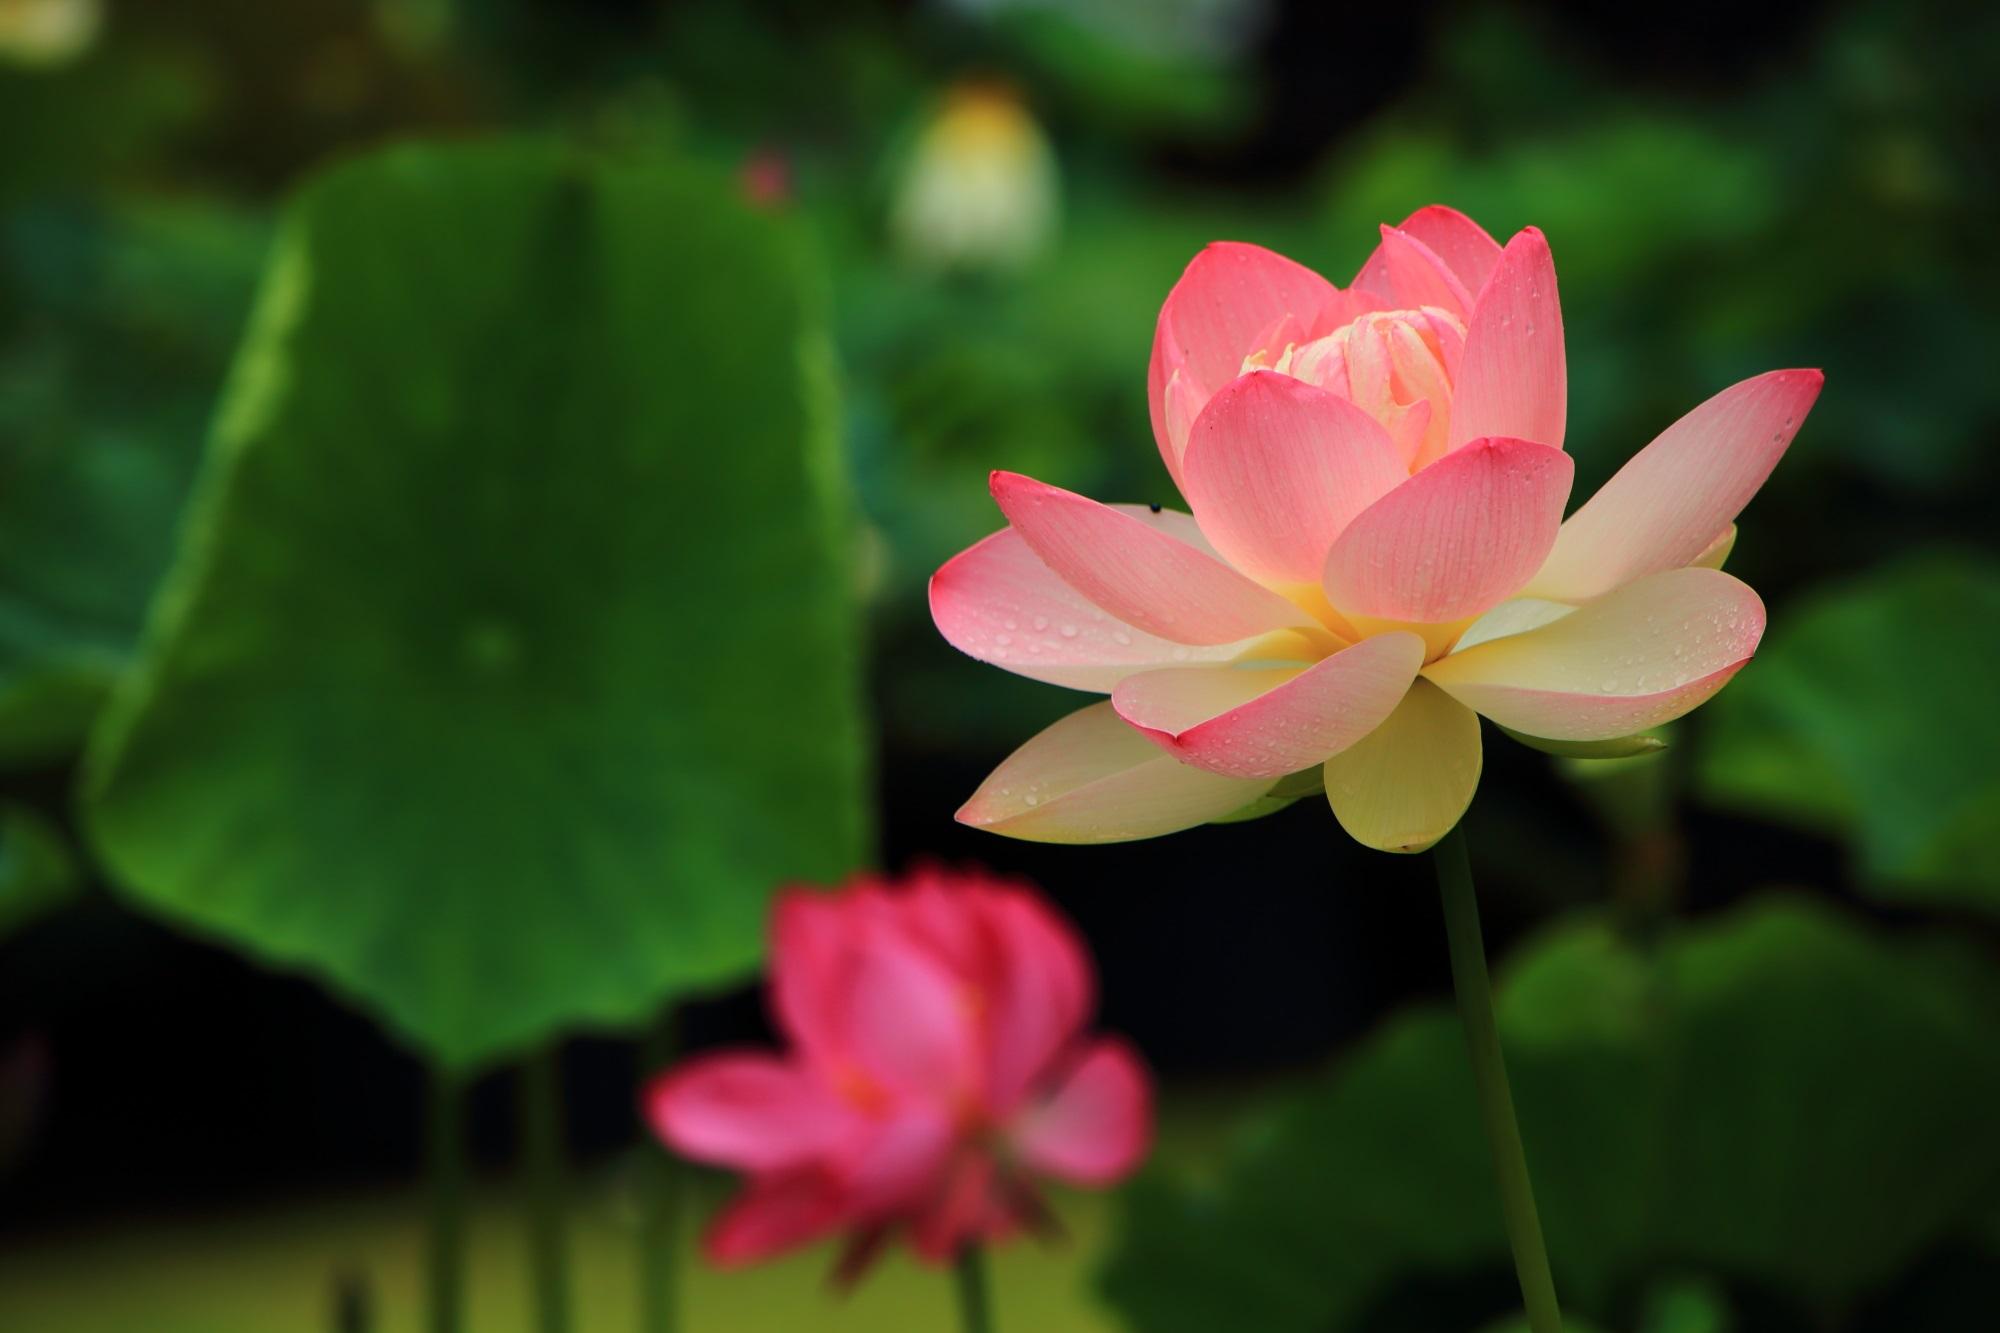 三室戸寺 蓮 花の寺の絶品のハスと青もみじと庭園